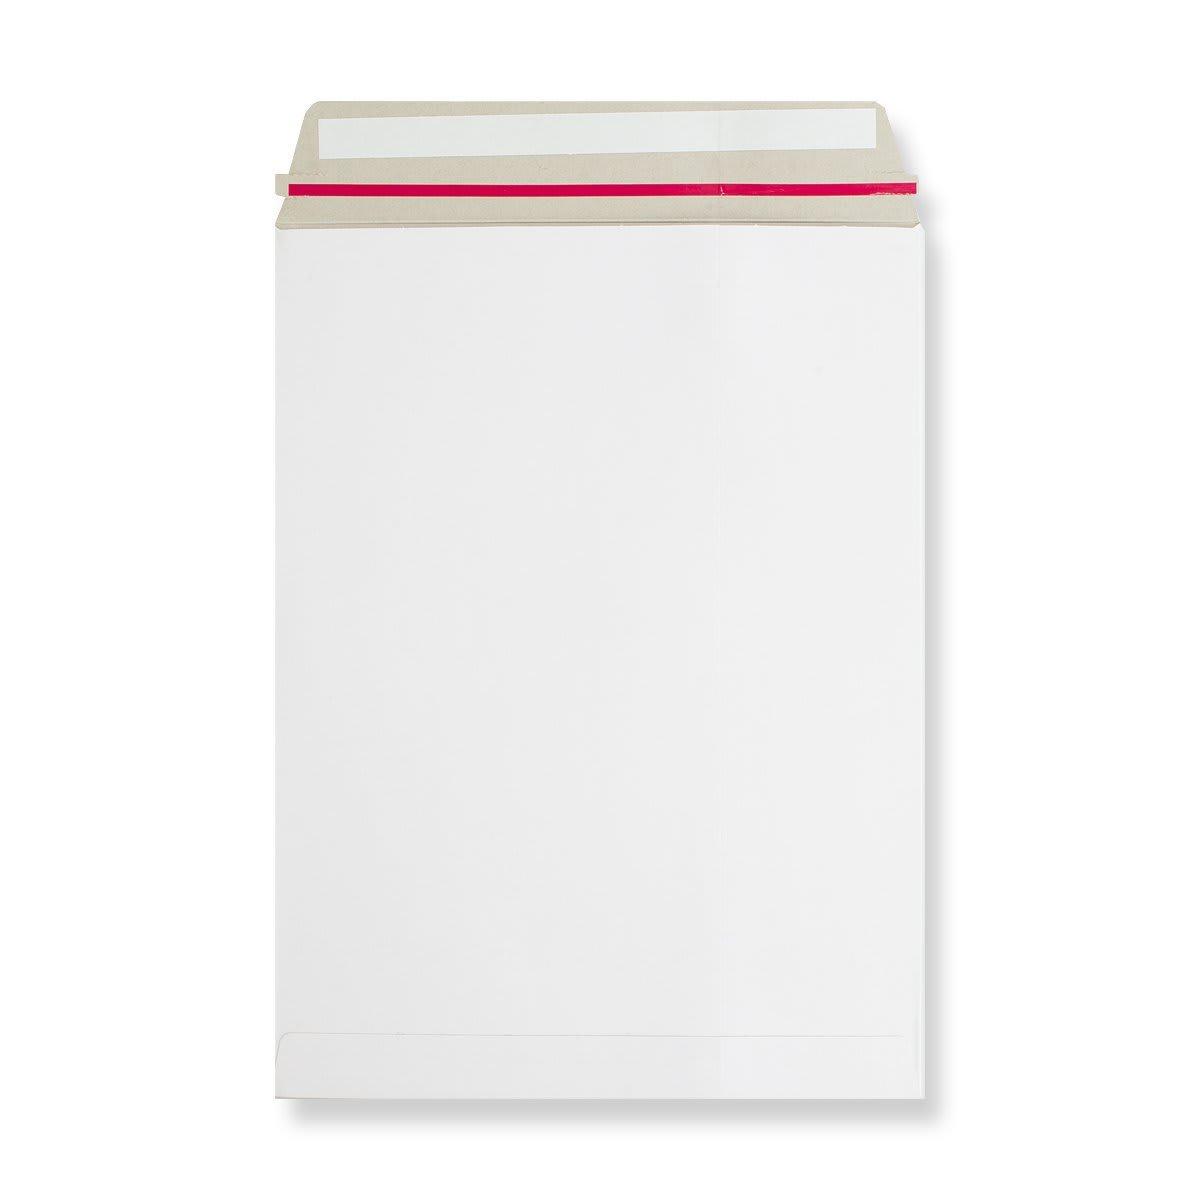 C3 WHITE ALL-BOARD ENVELOPES 350GSM